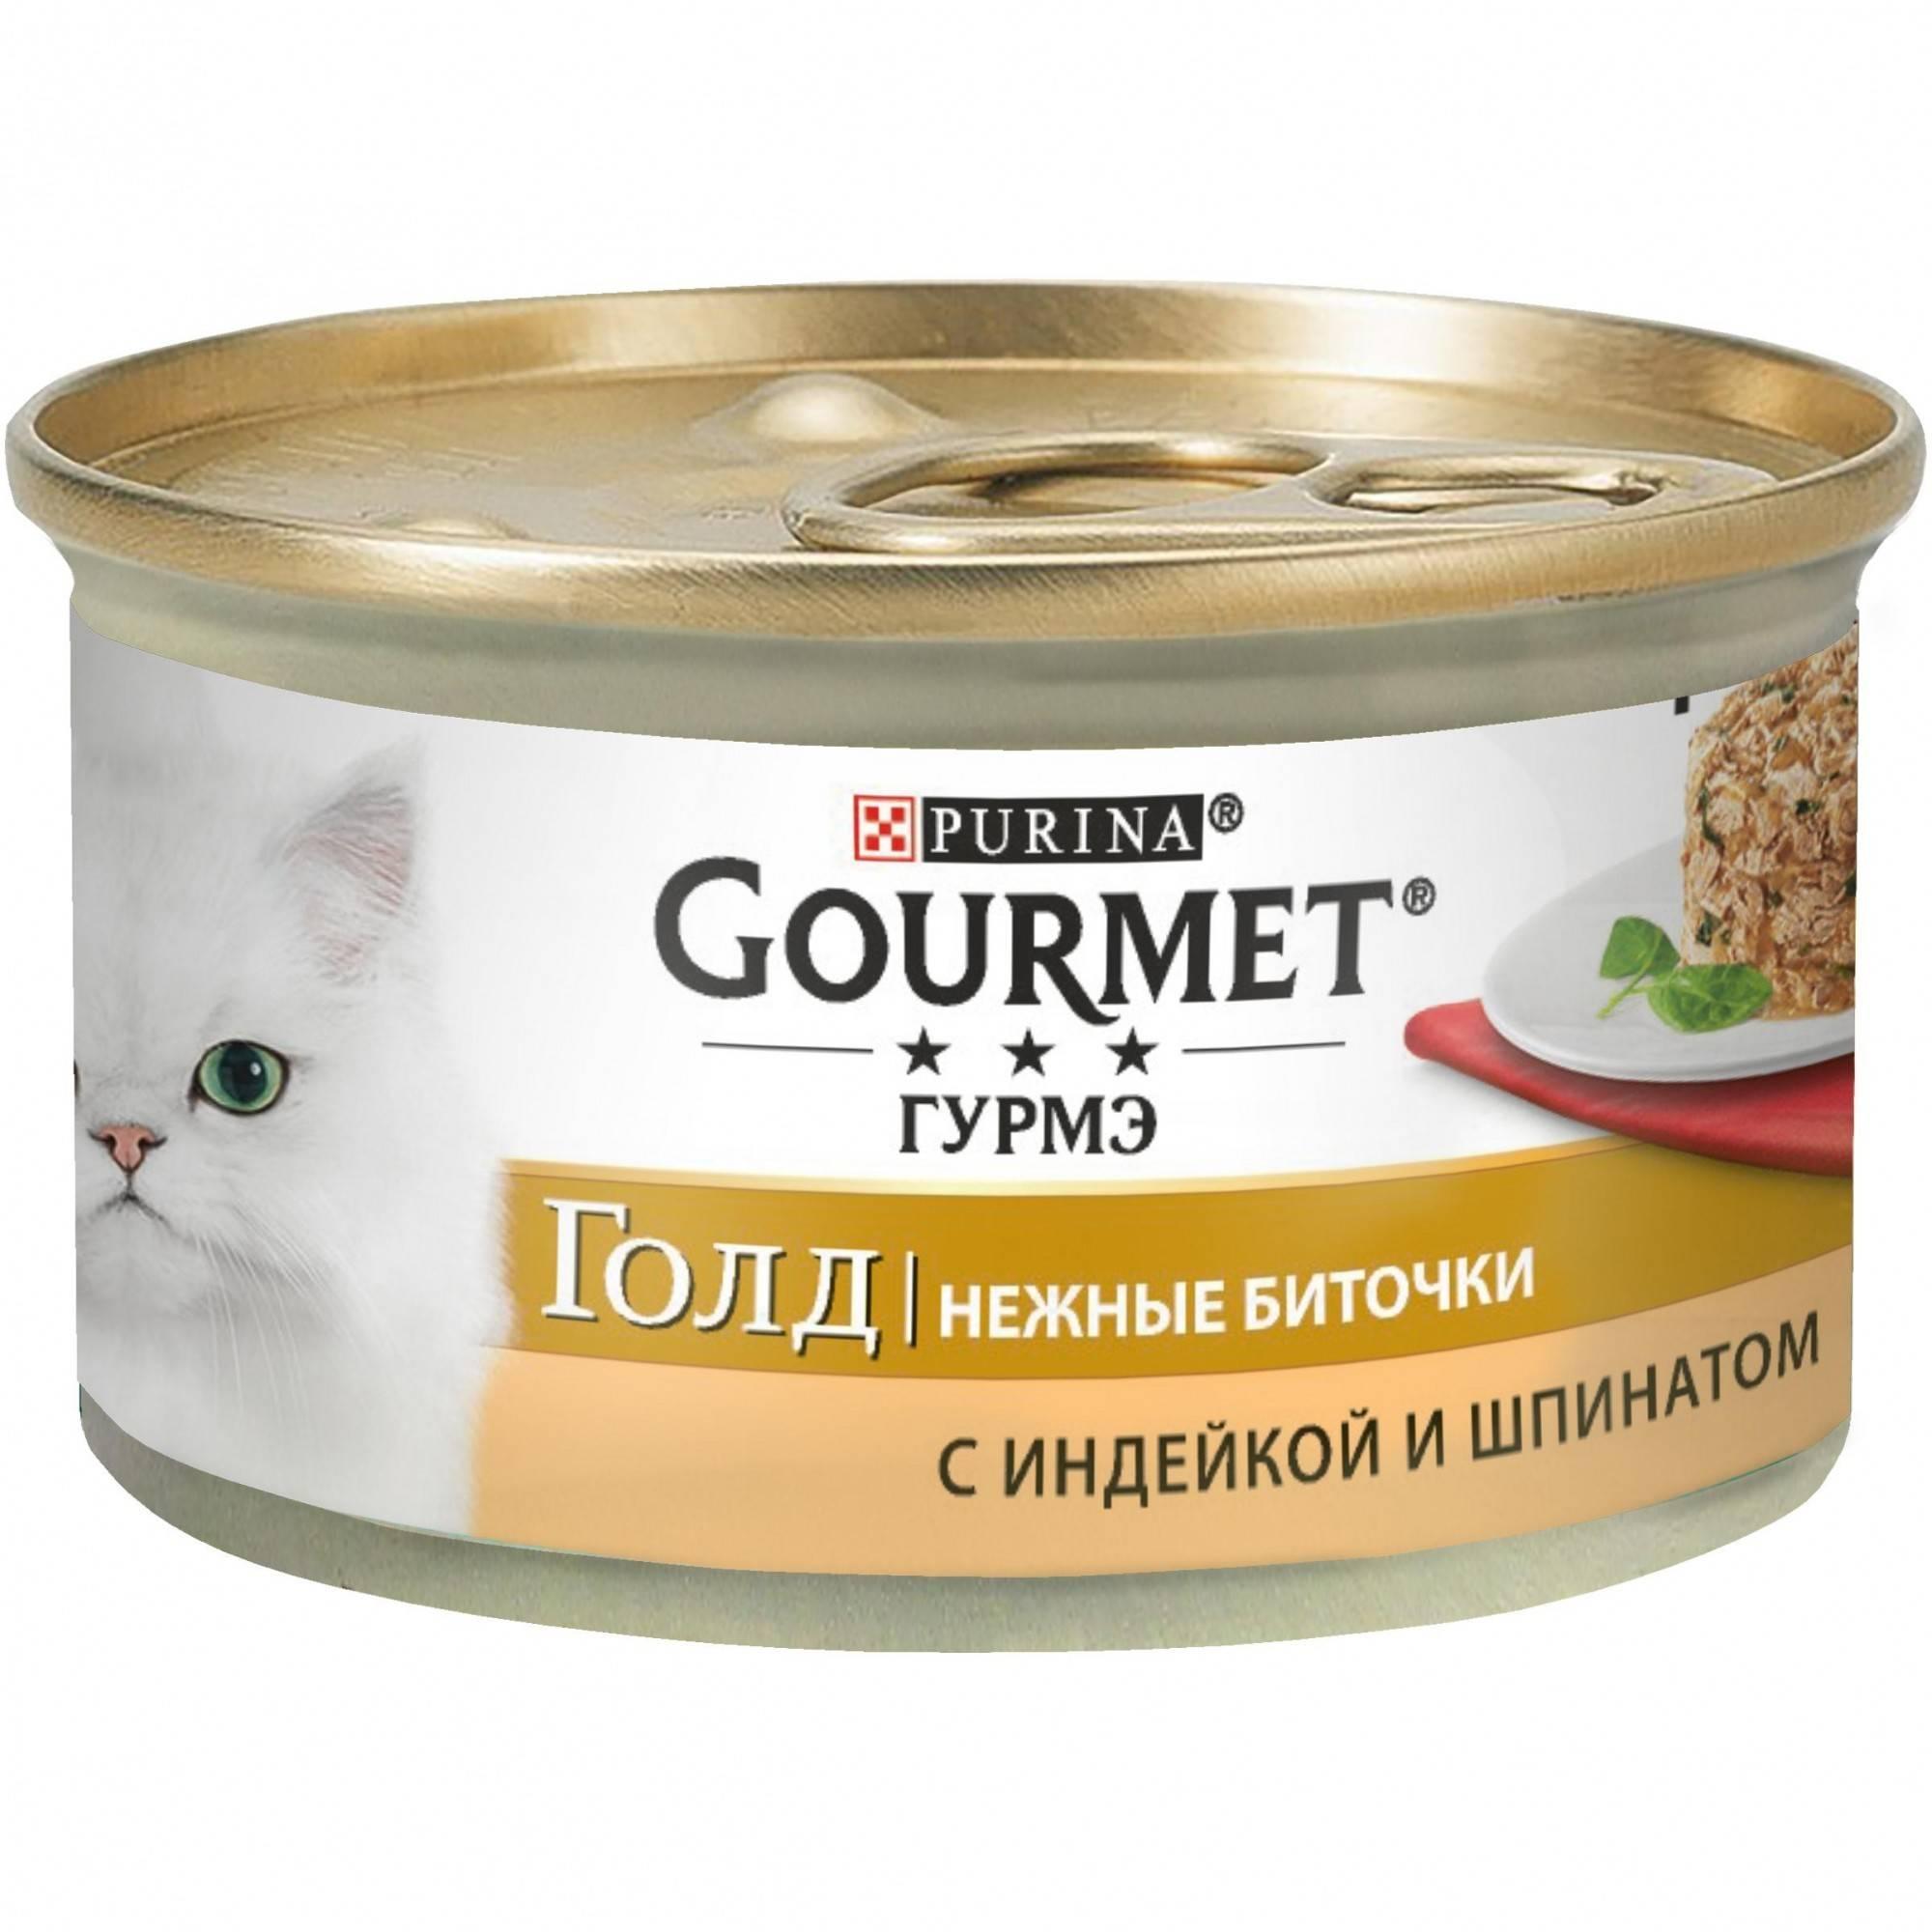 GOURMET Gold Savoury Cake Turkey & Spinach – консерва с индейкой и шпинатом для взрослых котов